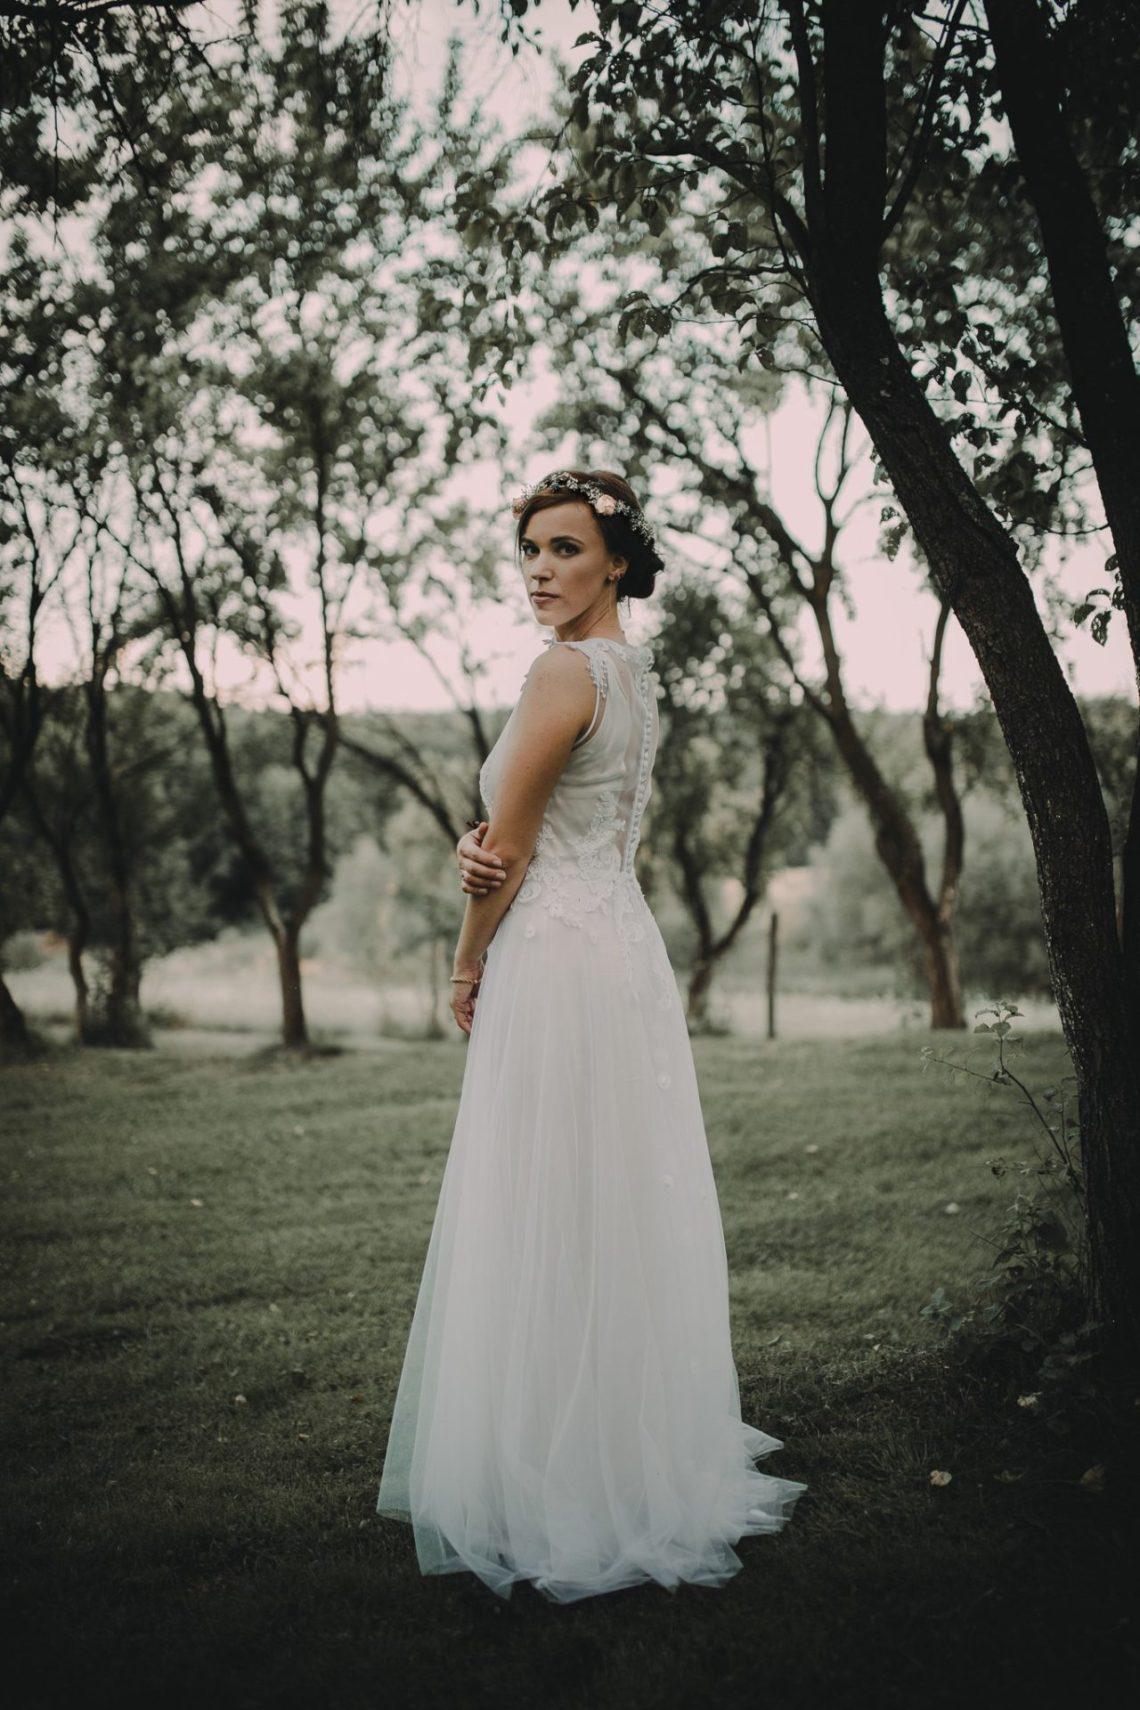 ranczo w dolinie sesja plenerowa portret pani młodej w sadzie